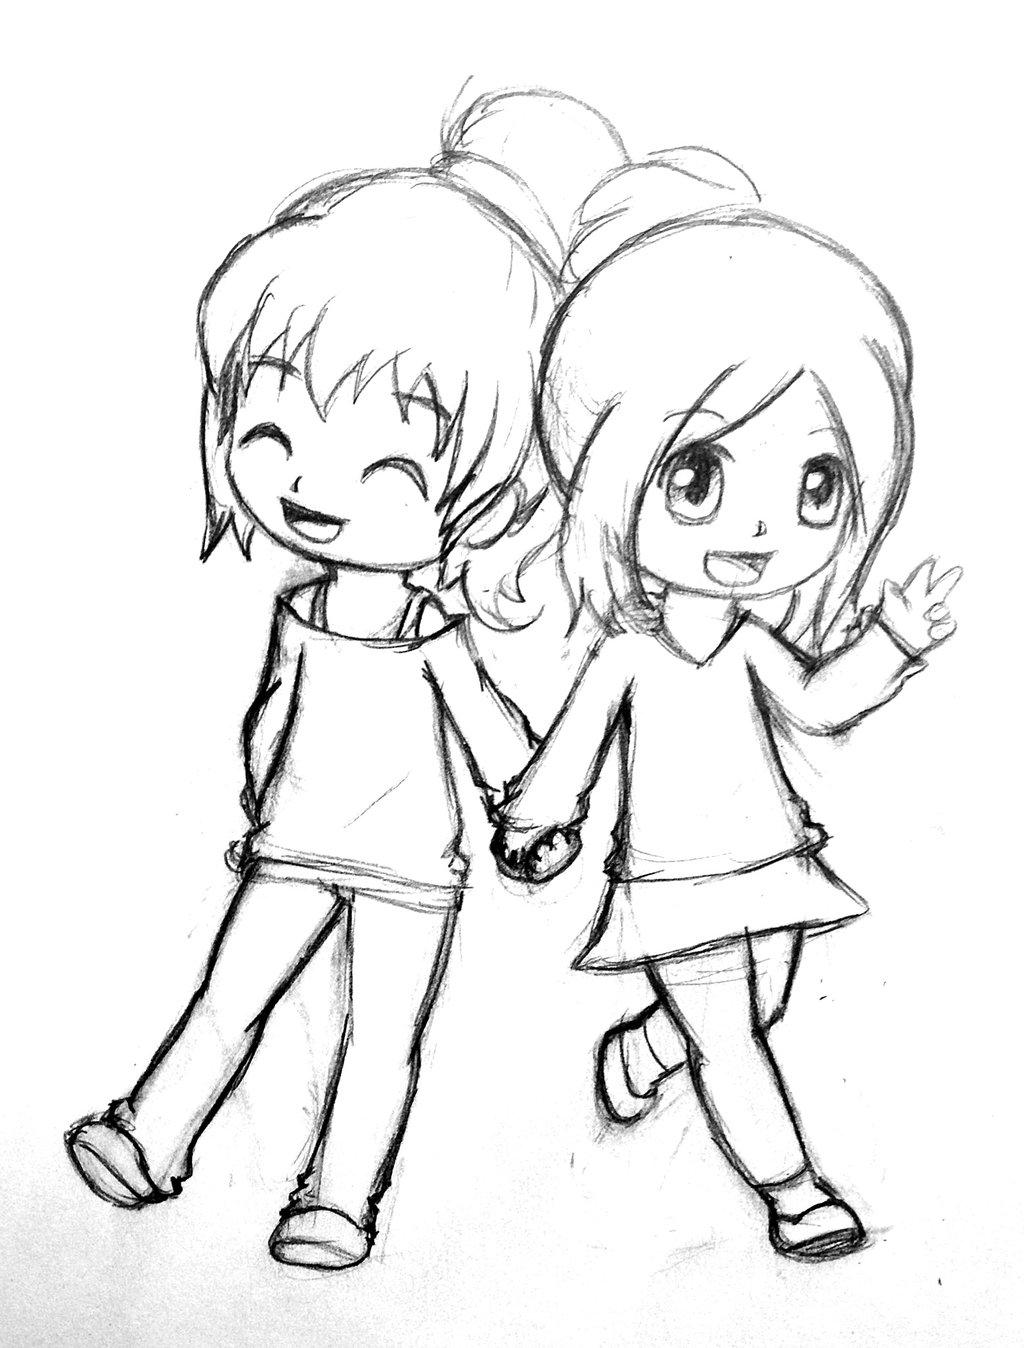 1024x1348 Best Friend Hug Boy And Girl Pencil Sketch